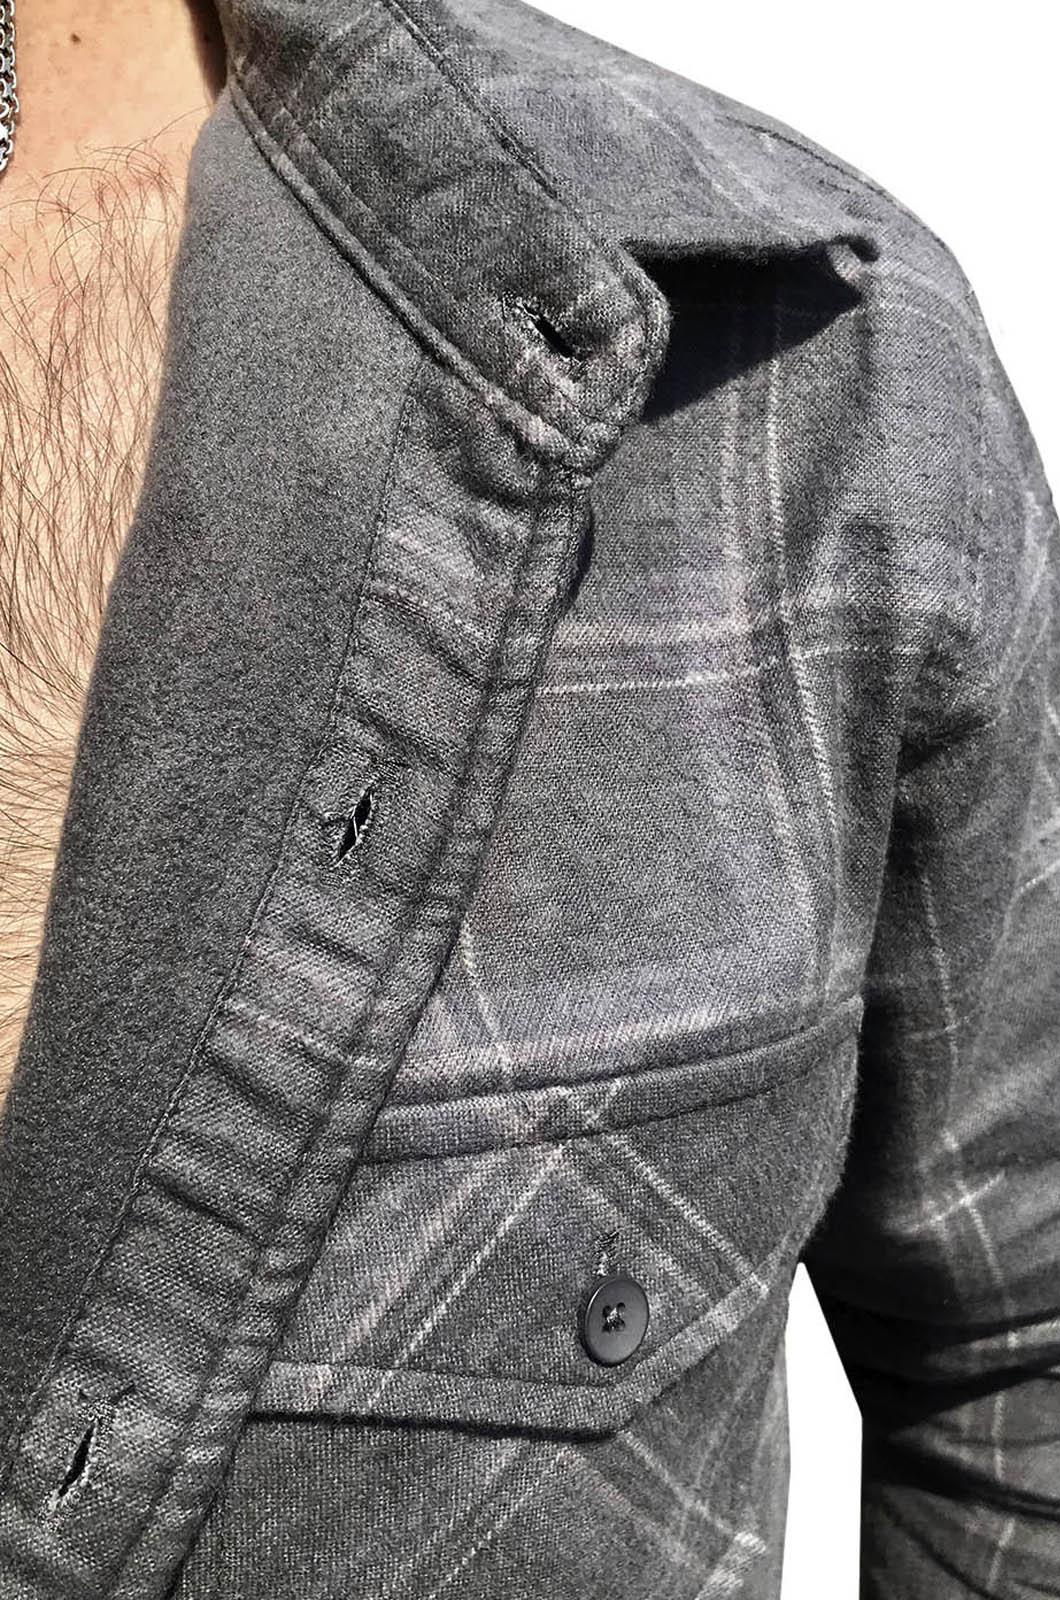 Надежная рубашка с вышитым шевроном ФСИН - купить выгодно